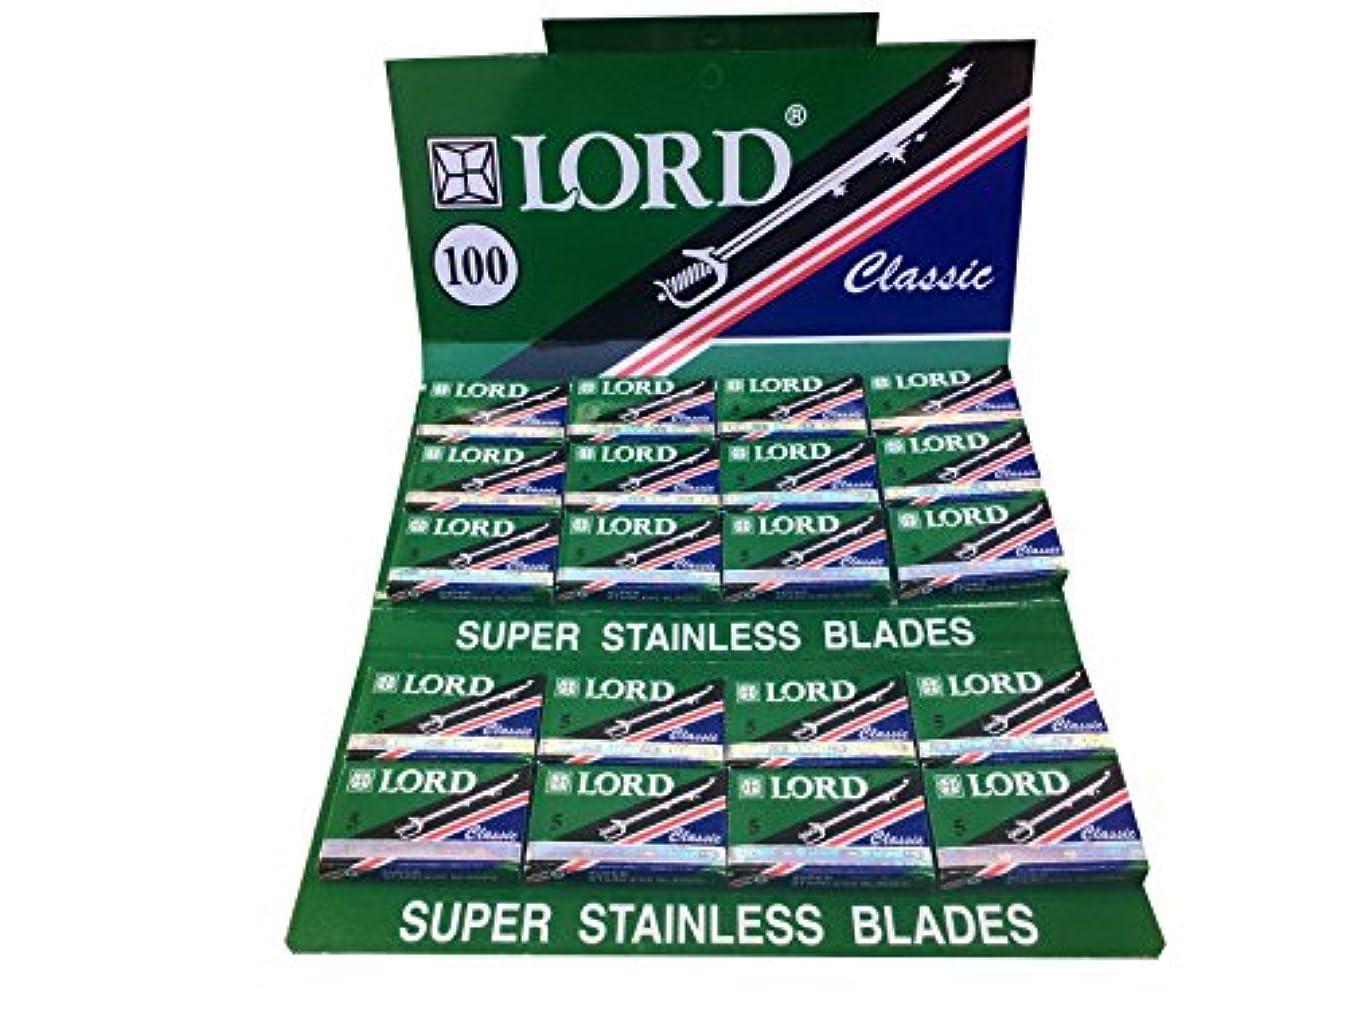 疑問を超えて改修余暇Lord Classic Super Stainless 両刃替刃 100枚入り(5枚入り20 個セット)【並行輸入品】